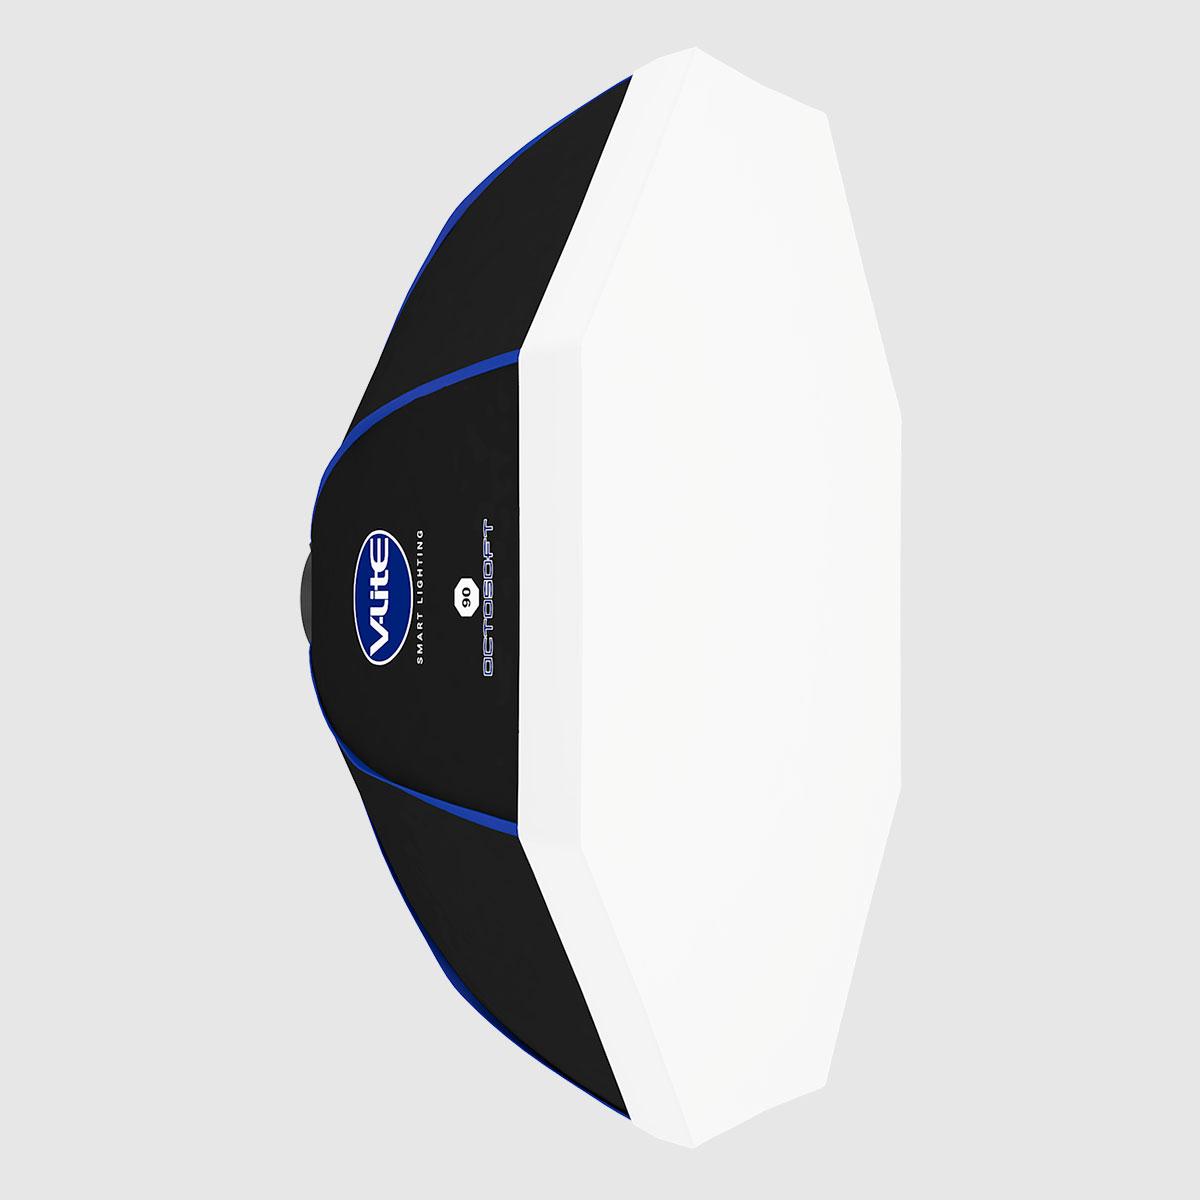 DIFUSOR DE LUZ OCTOSOFT 90 V-LITE